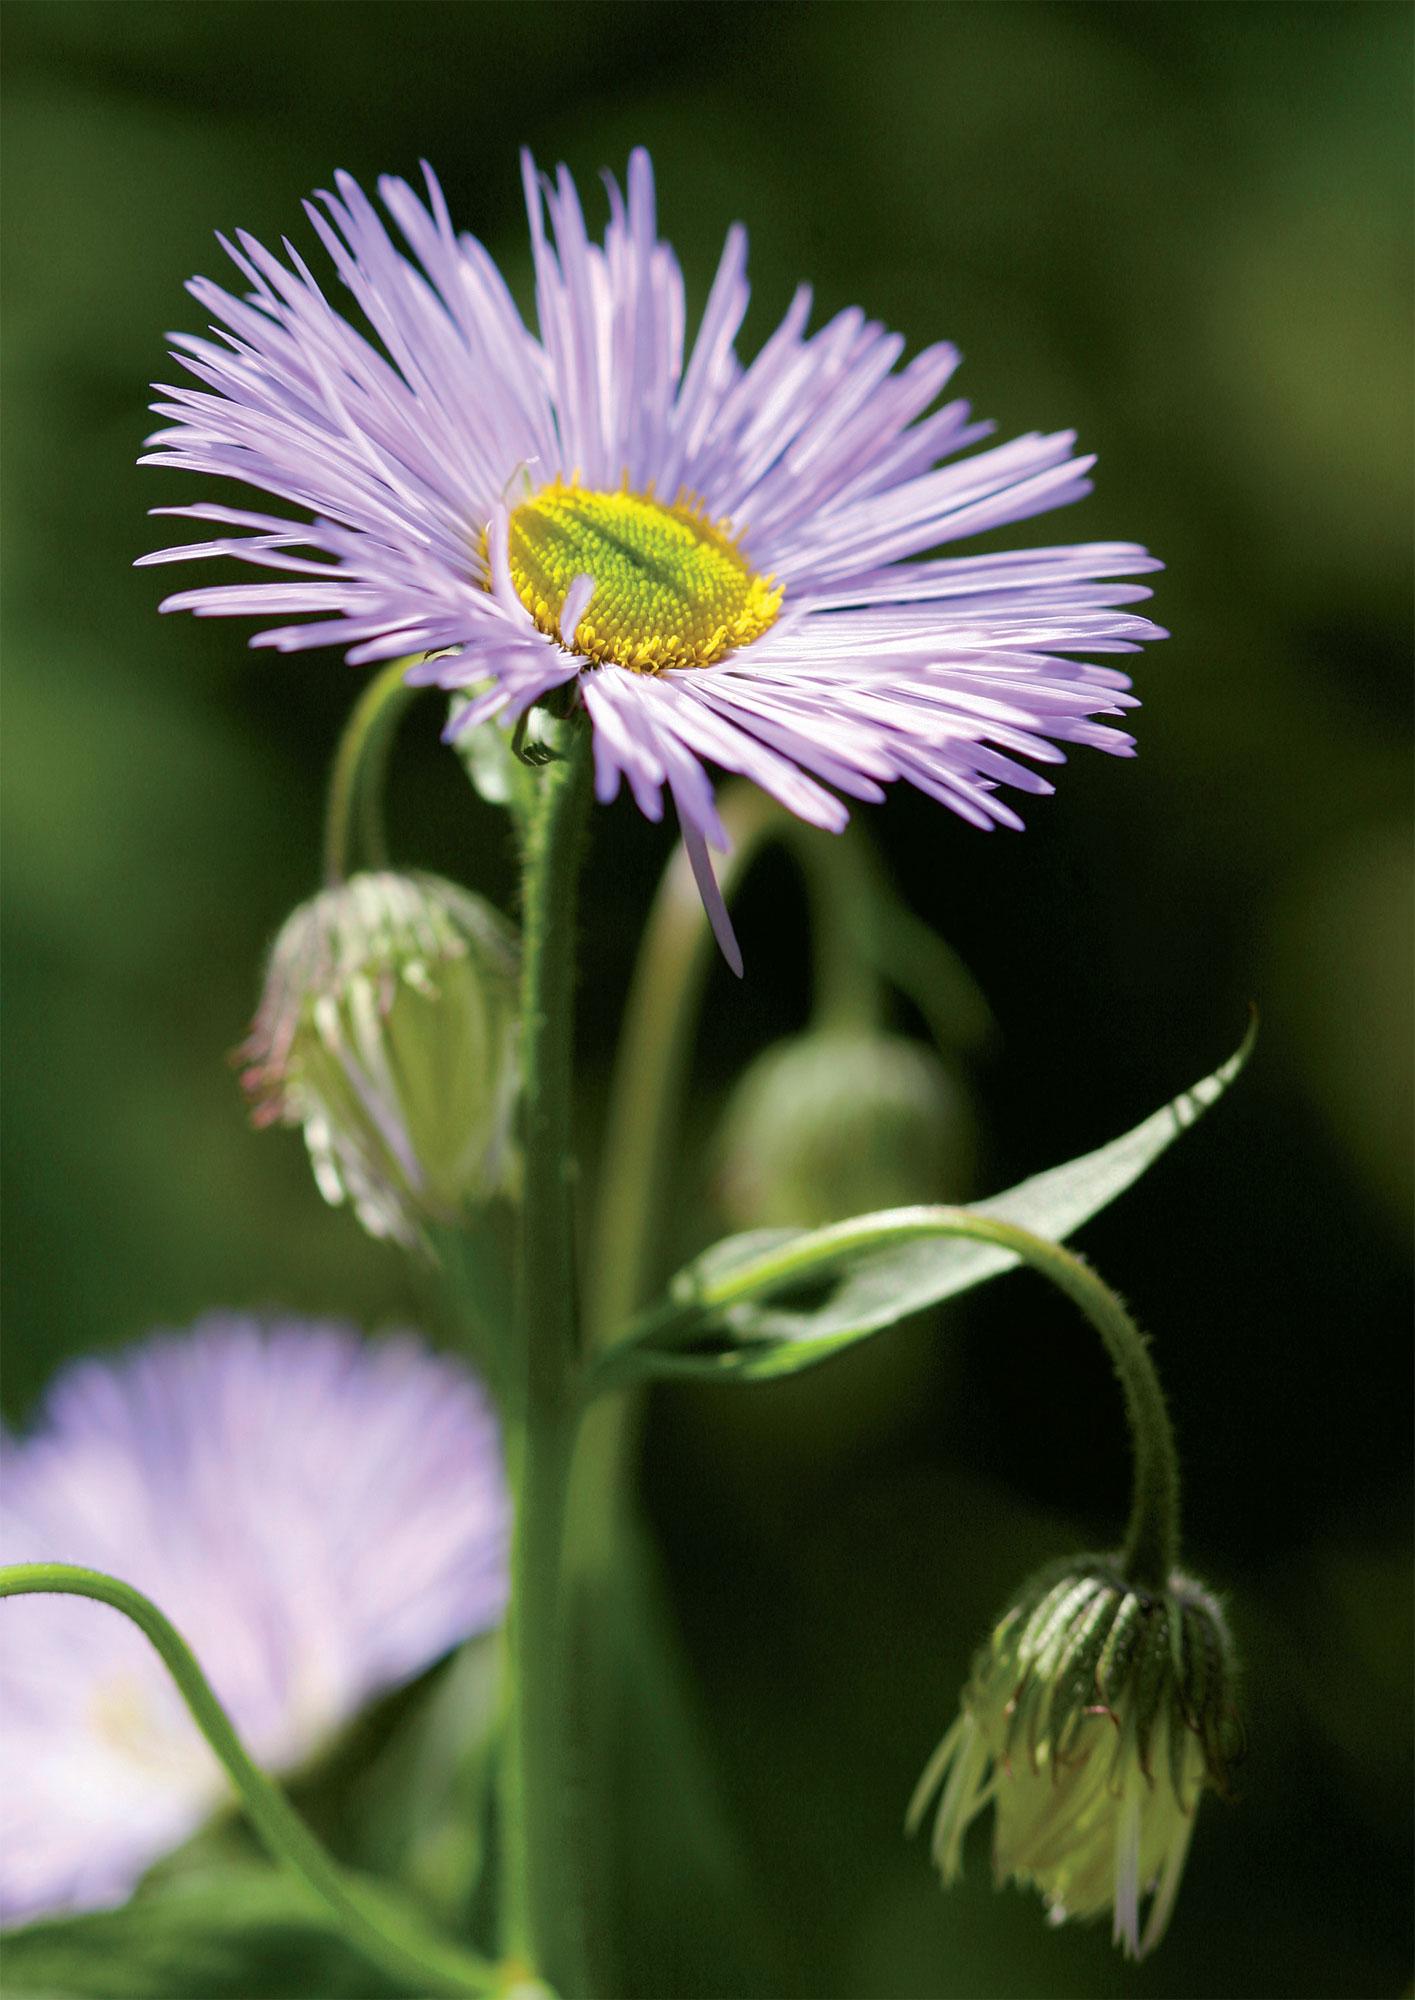 Helppohoitoisen jalokallioisen hennon violetteja kukkia riittää lähes koko kesäkaudeksi ja kimppuihin kerättäviksi.